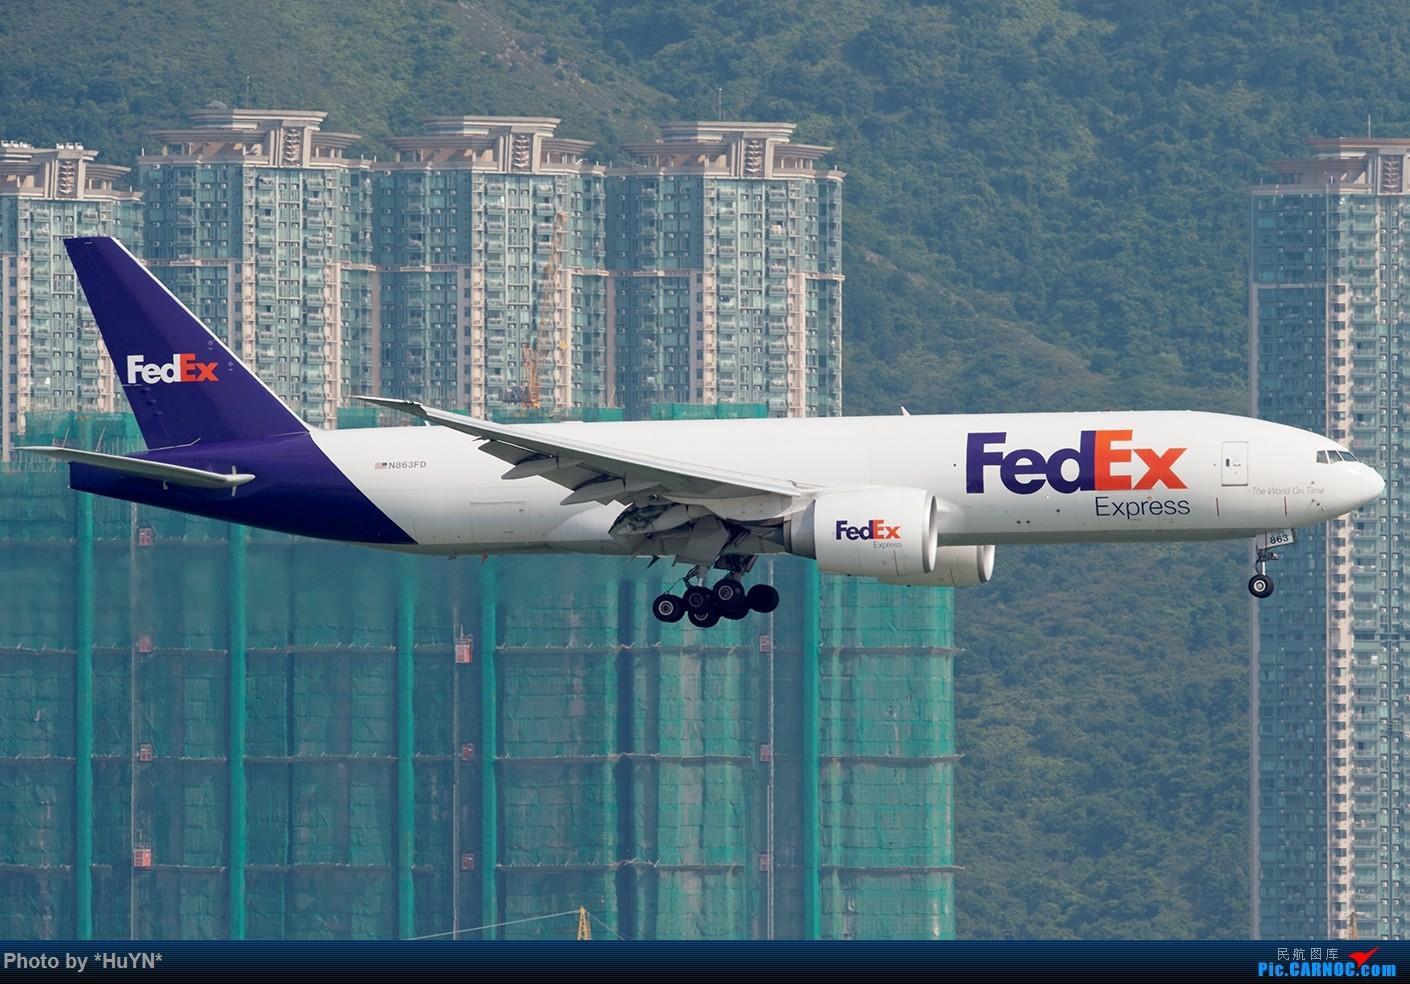 Re:[原创]存货一组(不看后悔) BOEING 777F N863FD 中国香港赤鱲角国际机场